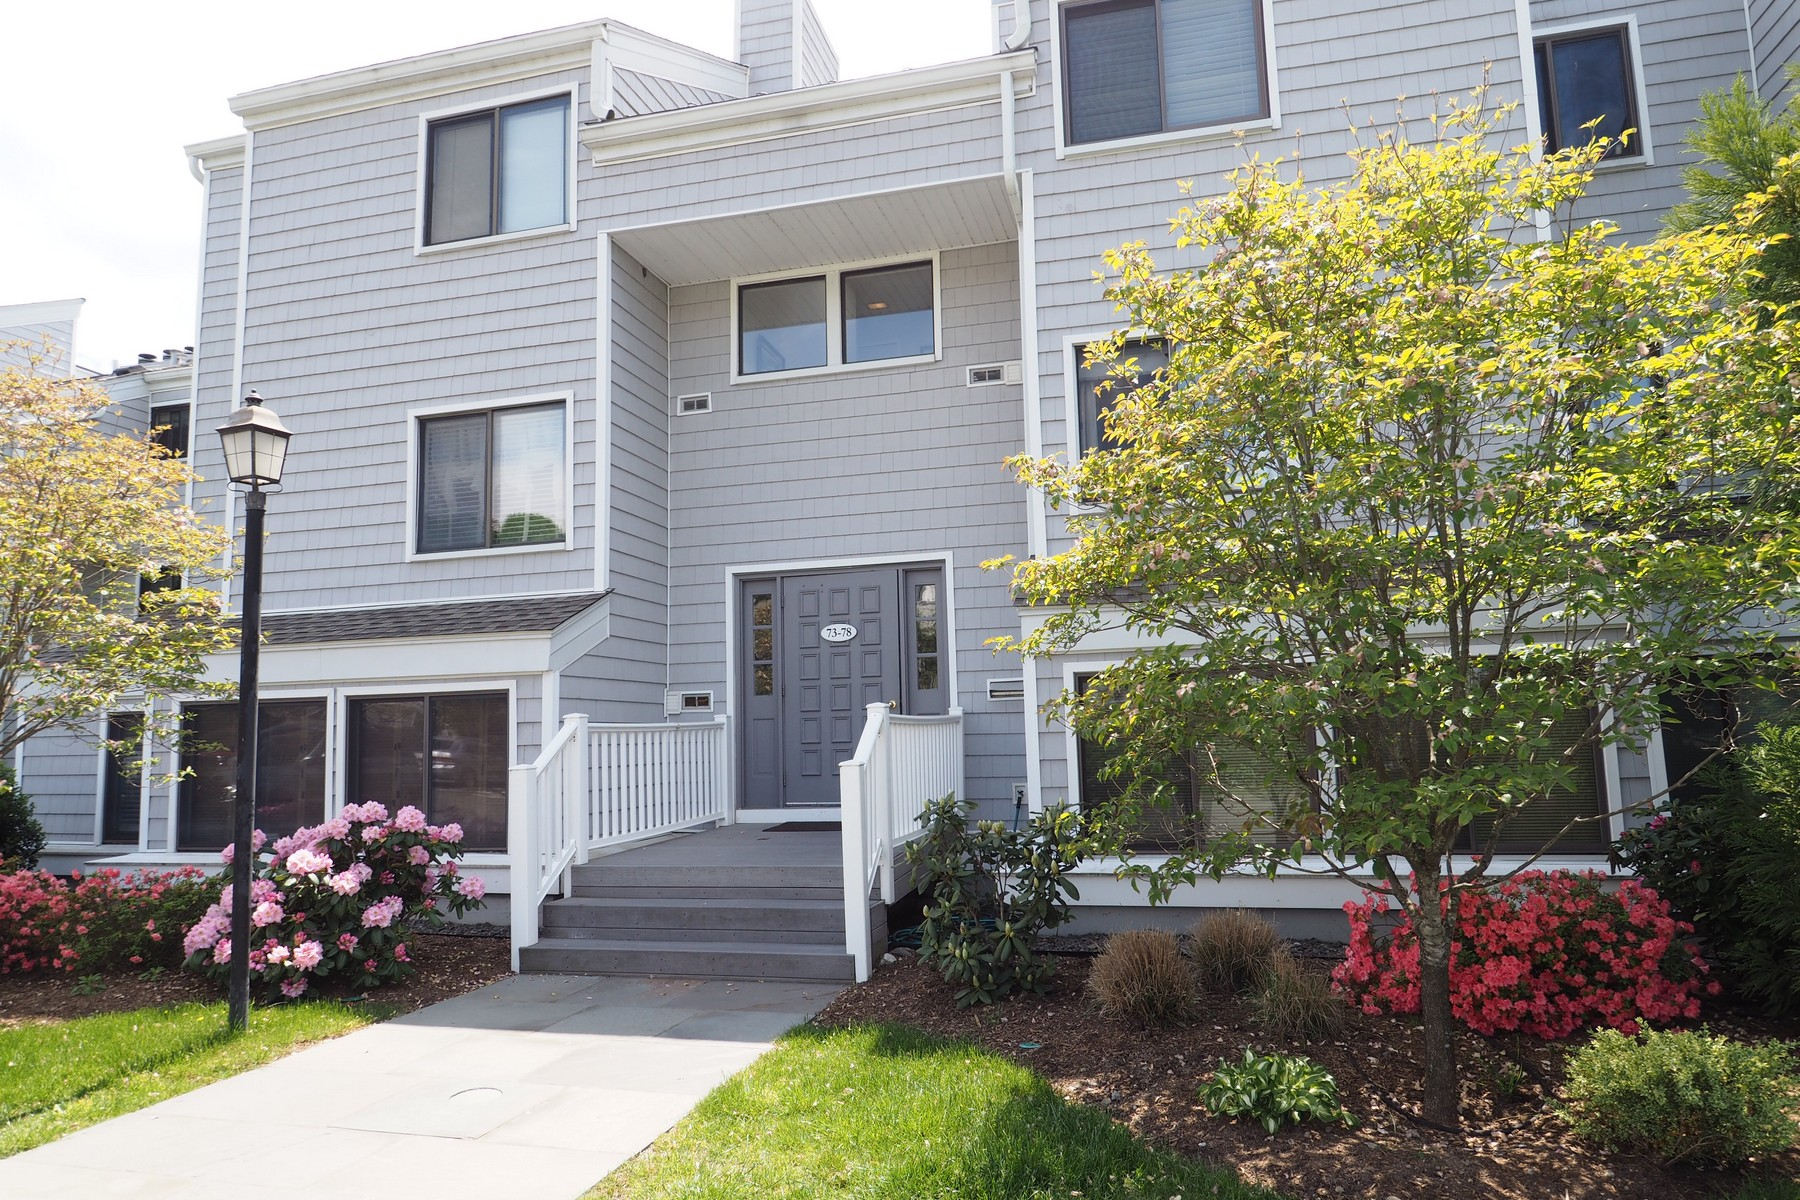 Appartement en copropriété pour l Vente à Rowayton Woods 75 Rowayton Woods Drive 75 Norwalk, Connecticut, 06854 États-Unis